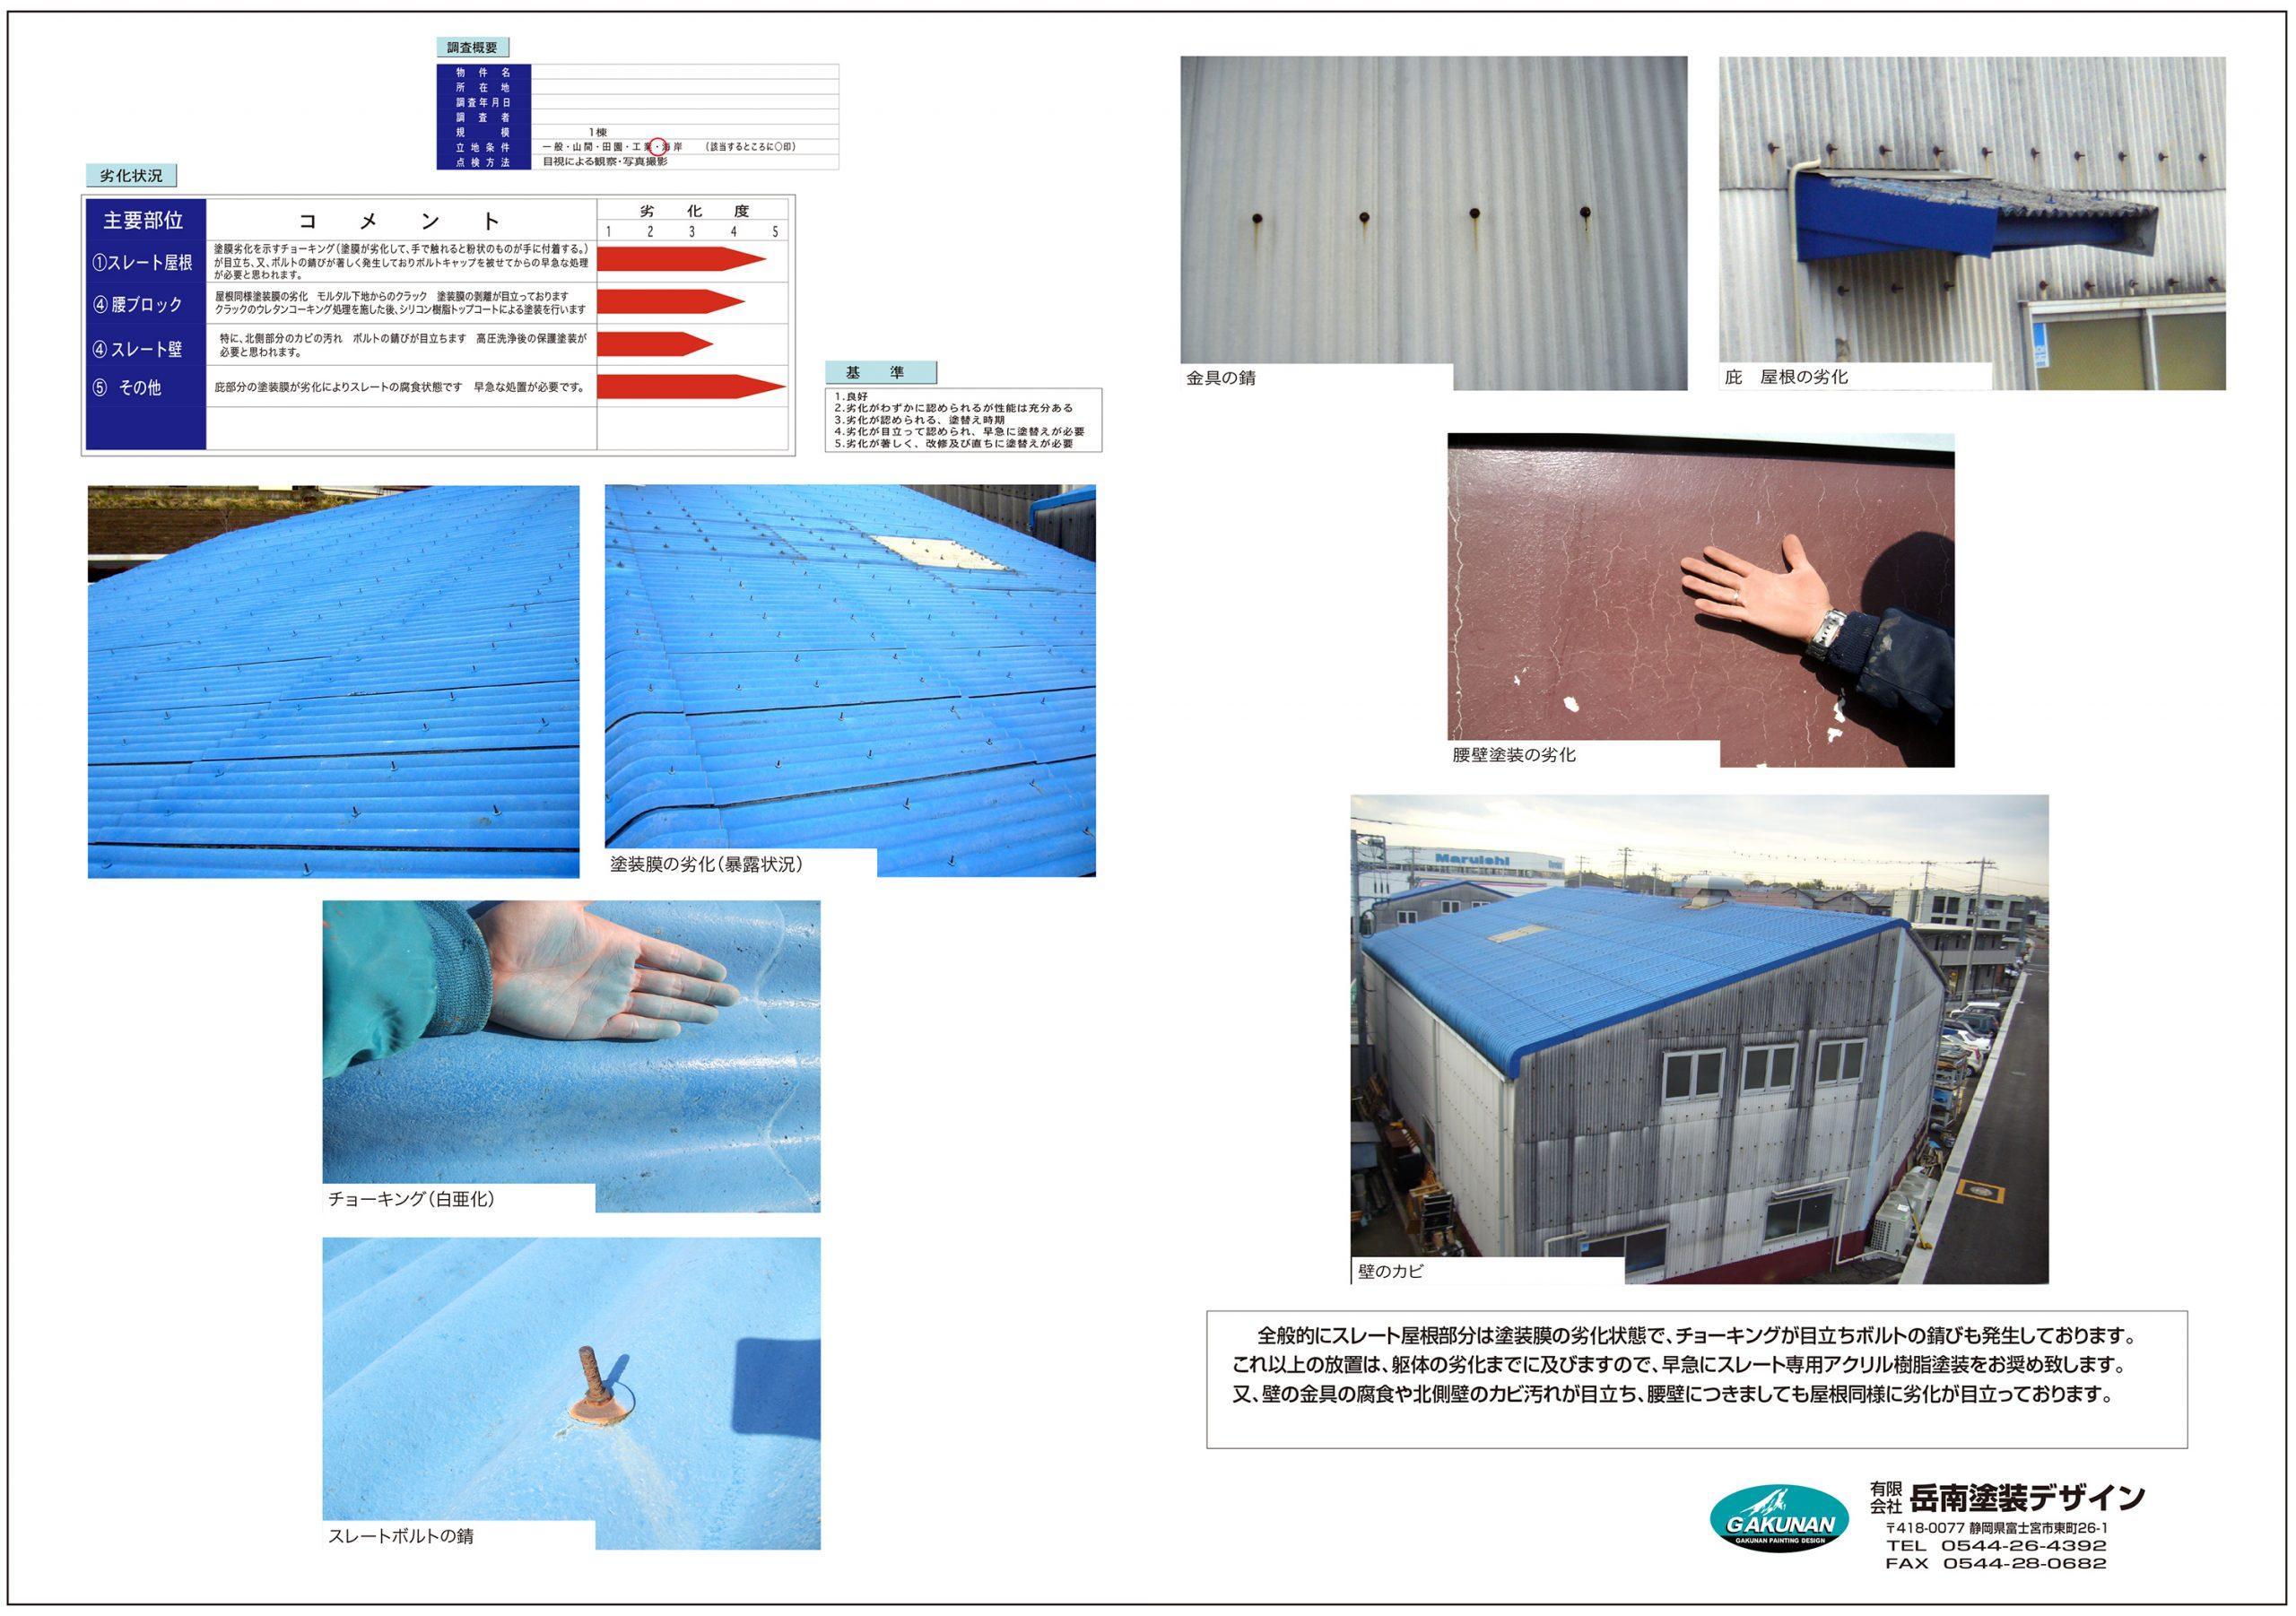 工場塗装状況 調査レポート